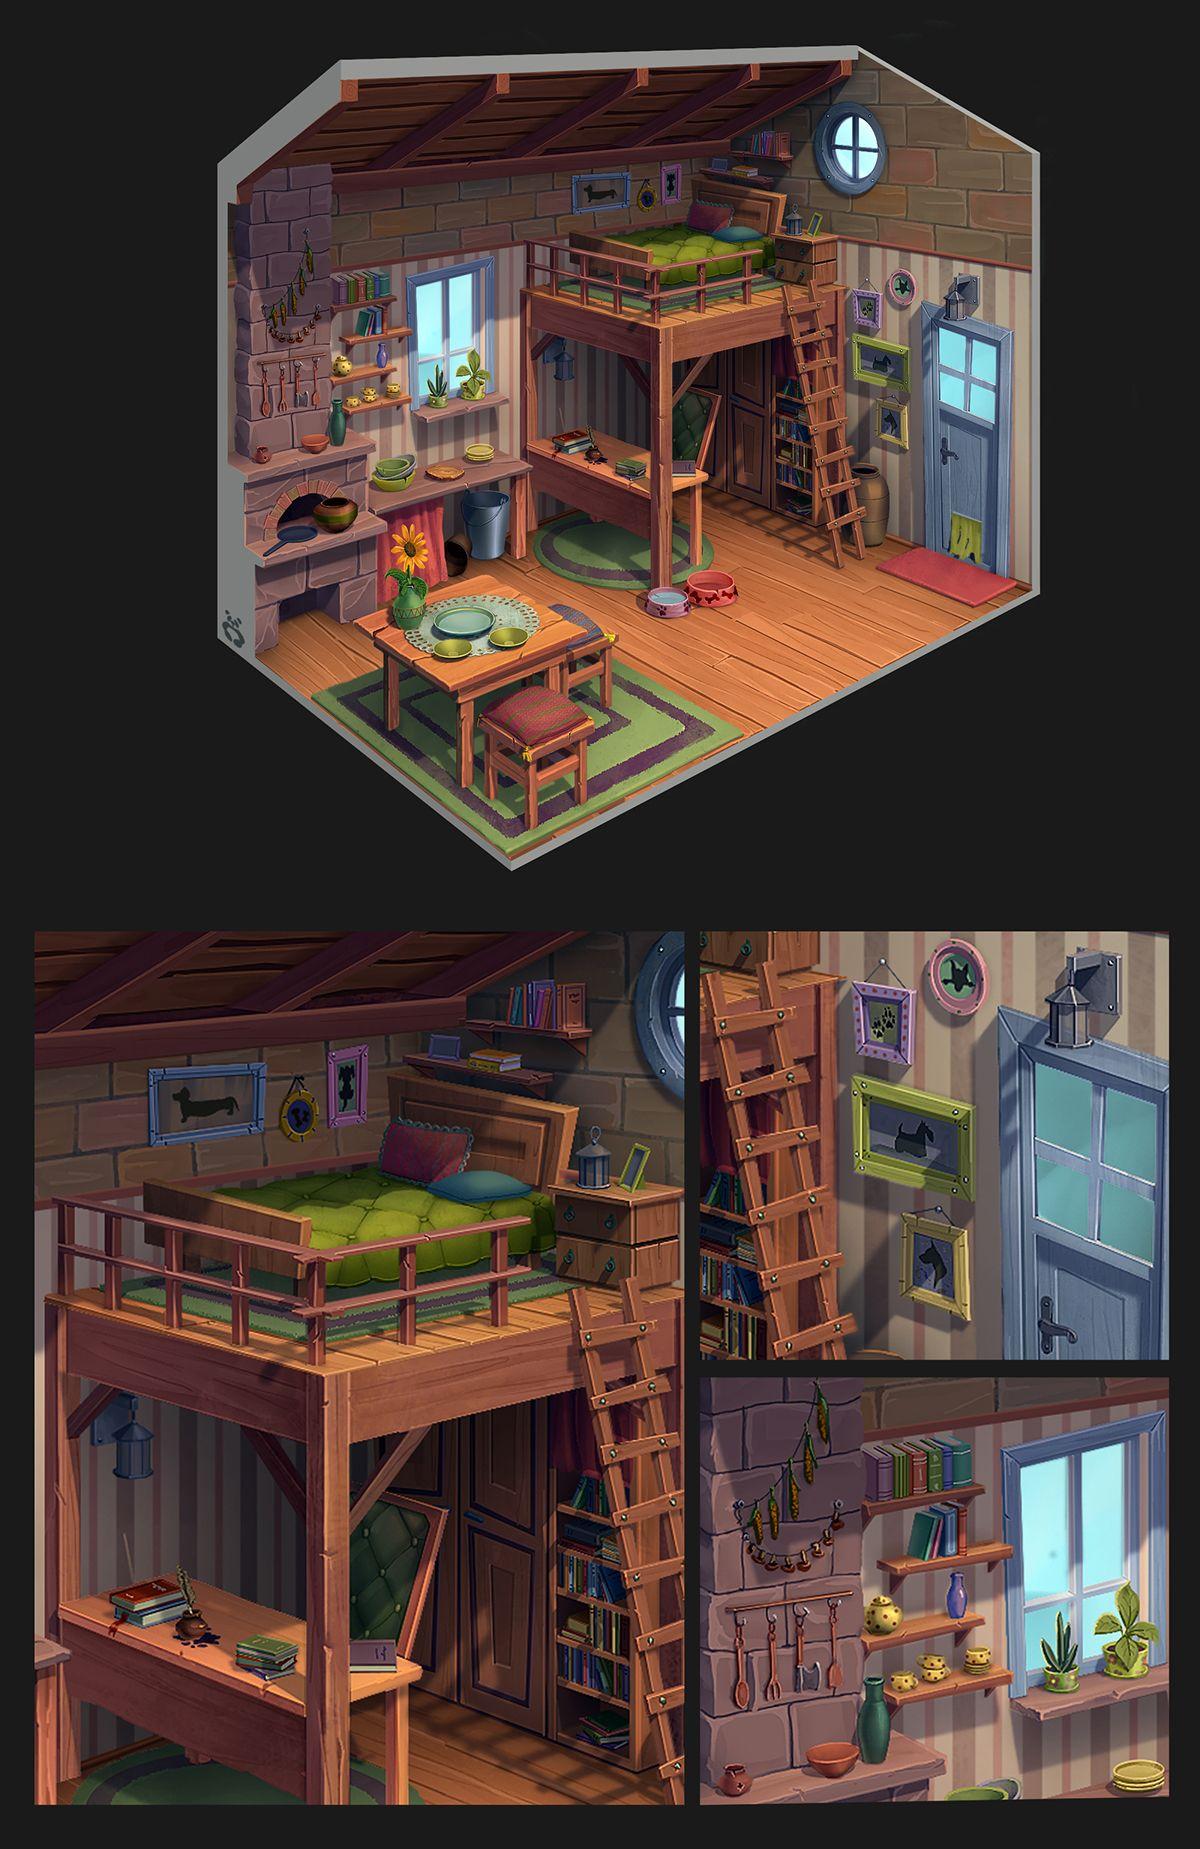 I Love This Tiny Home Layout I Already Have A Similar